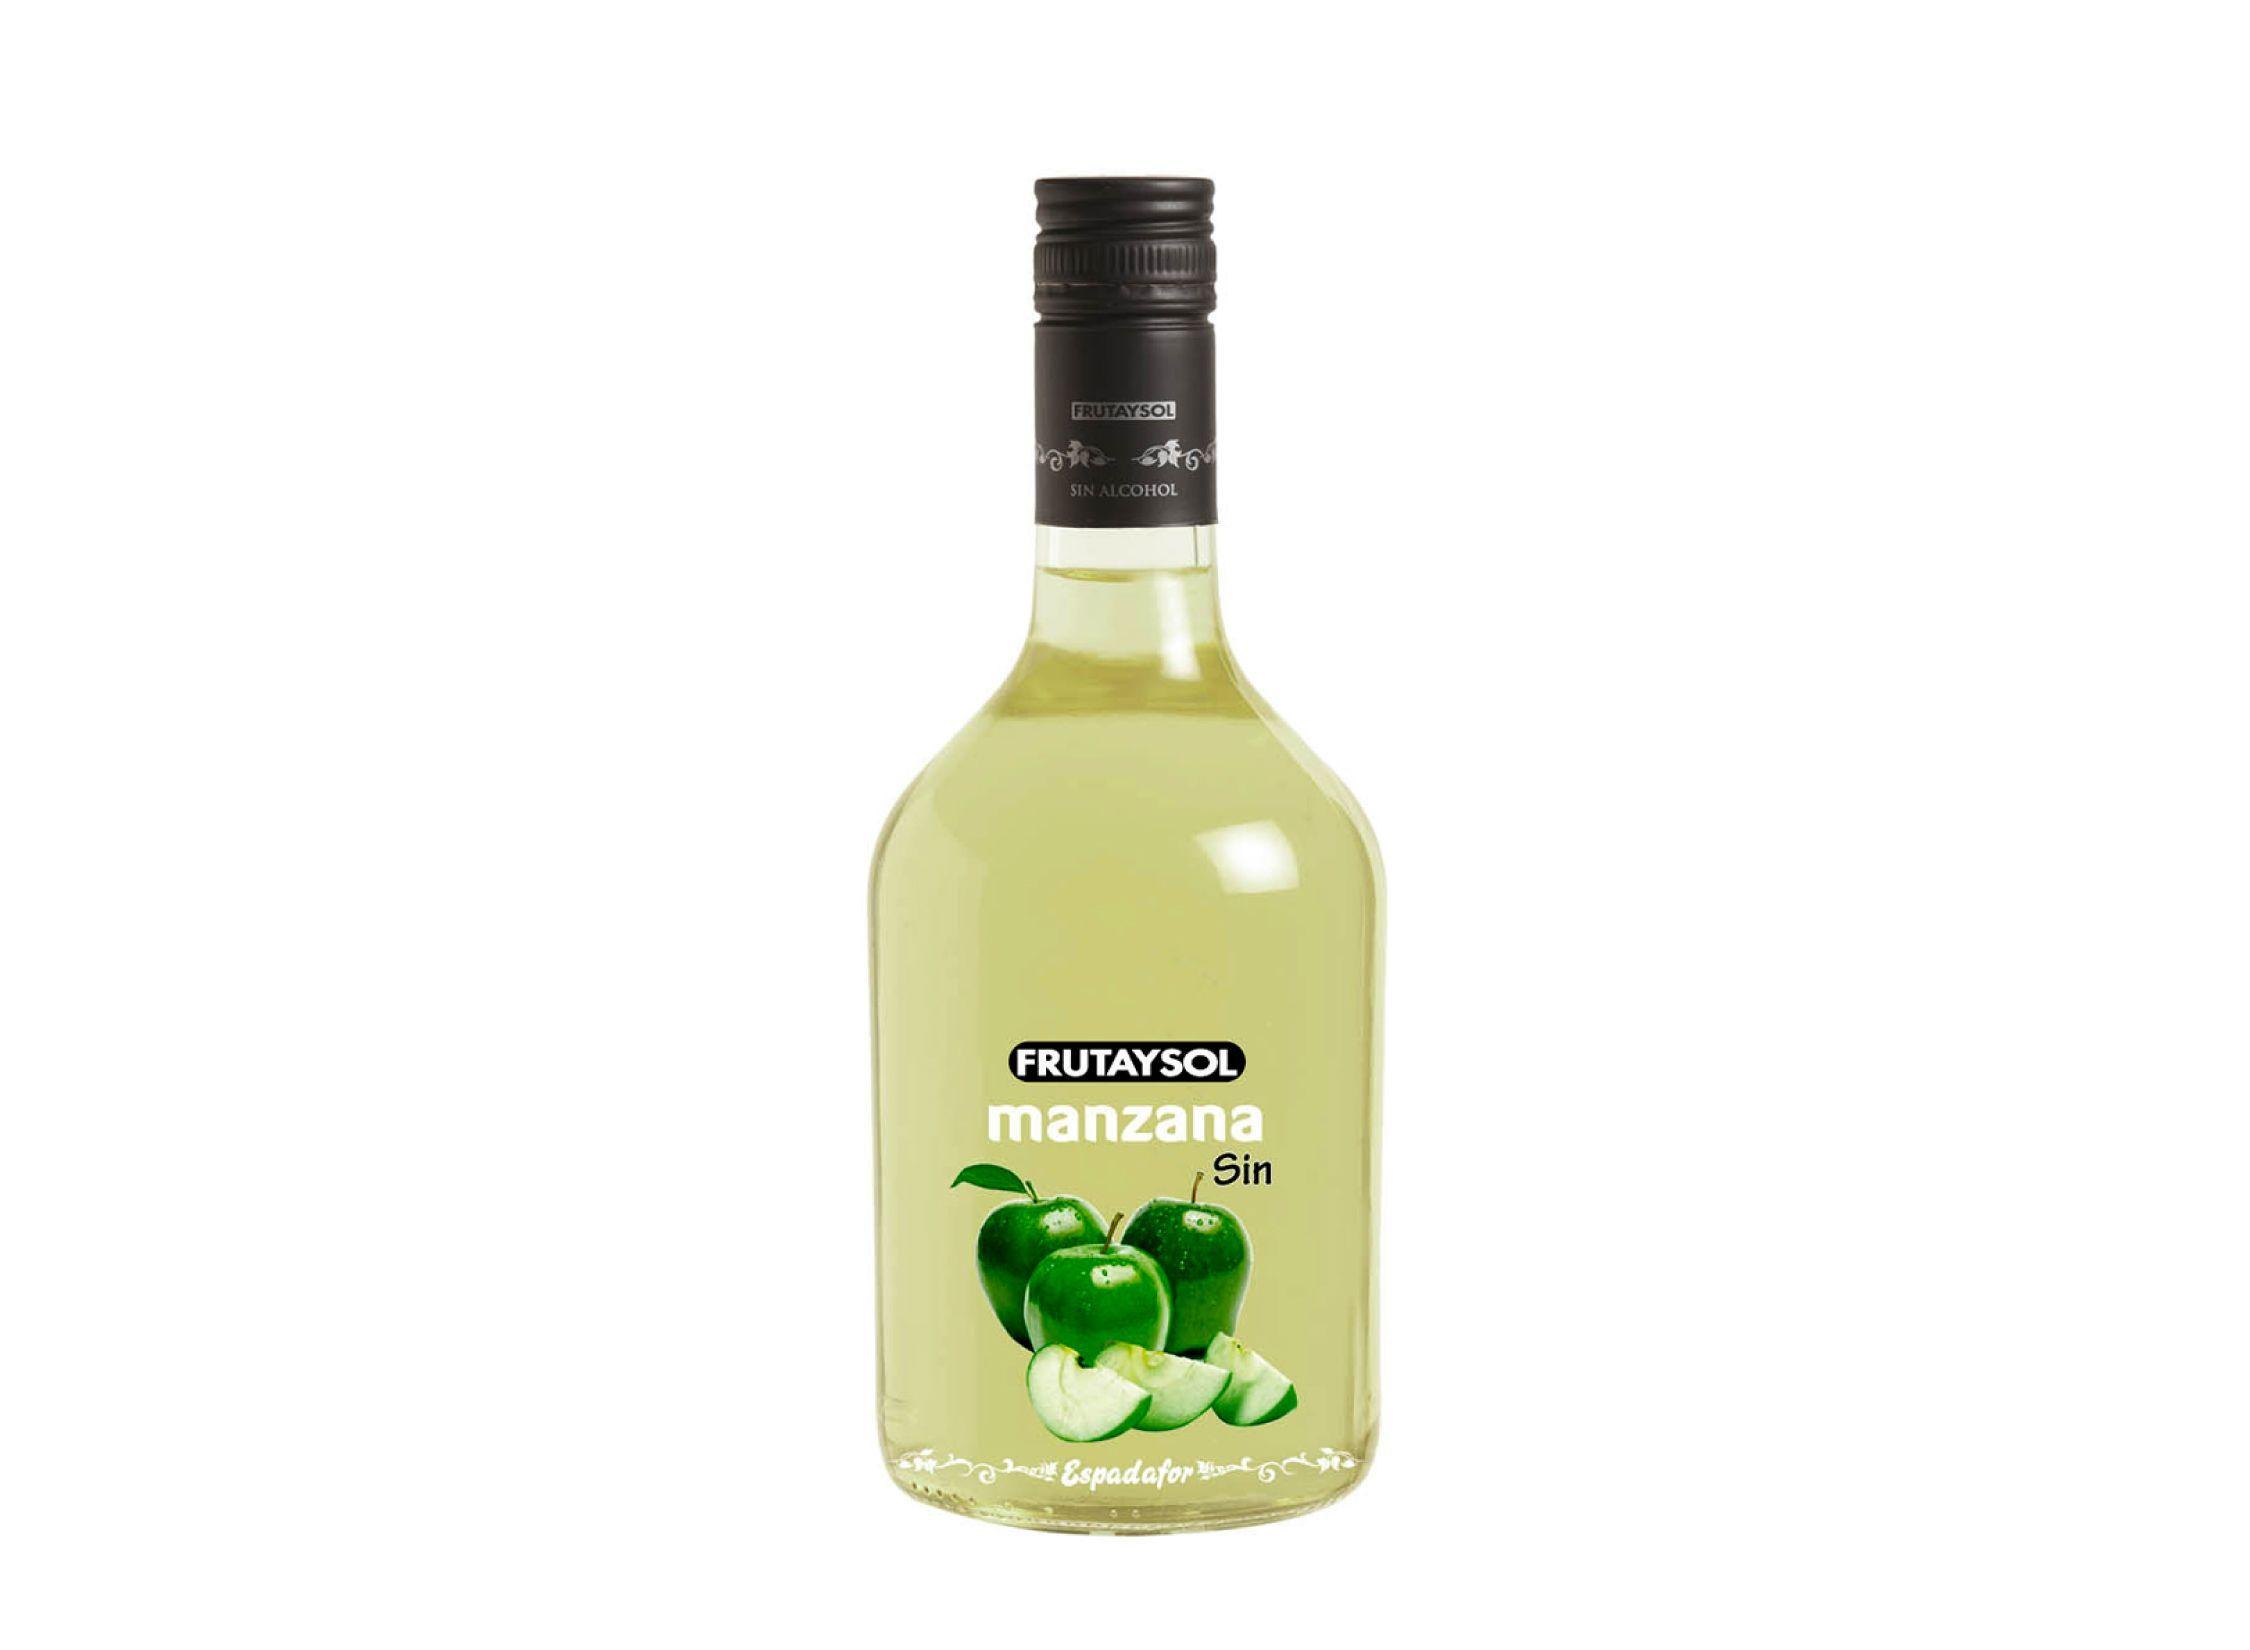 Botella de 70cl de bebida inspirada en licor de manzana sin alcohol Frutaysol